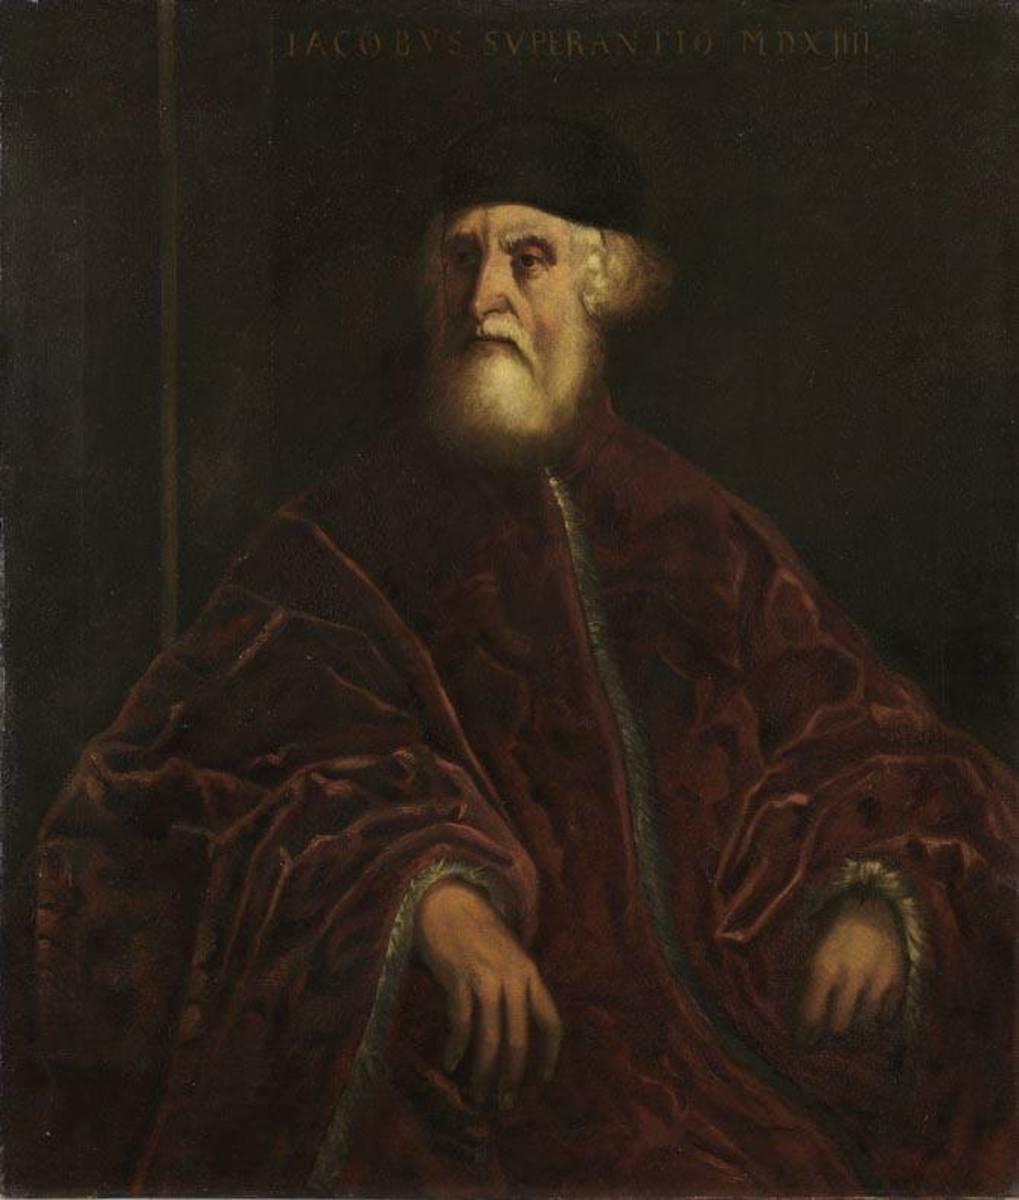 Der Prokurator Jacopo Soranzo (nach Tintoretto)